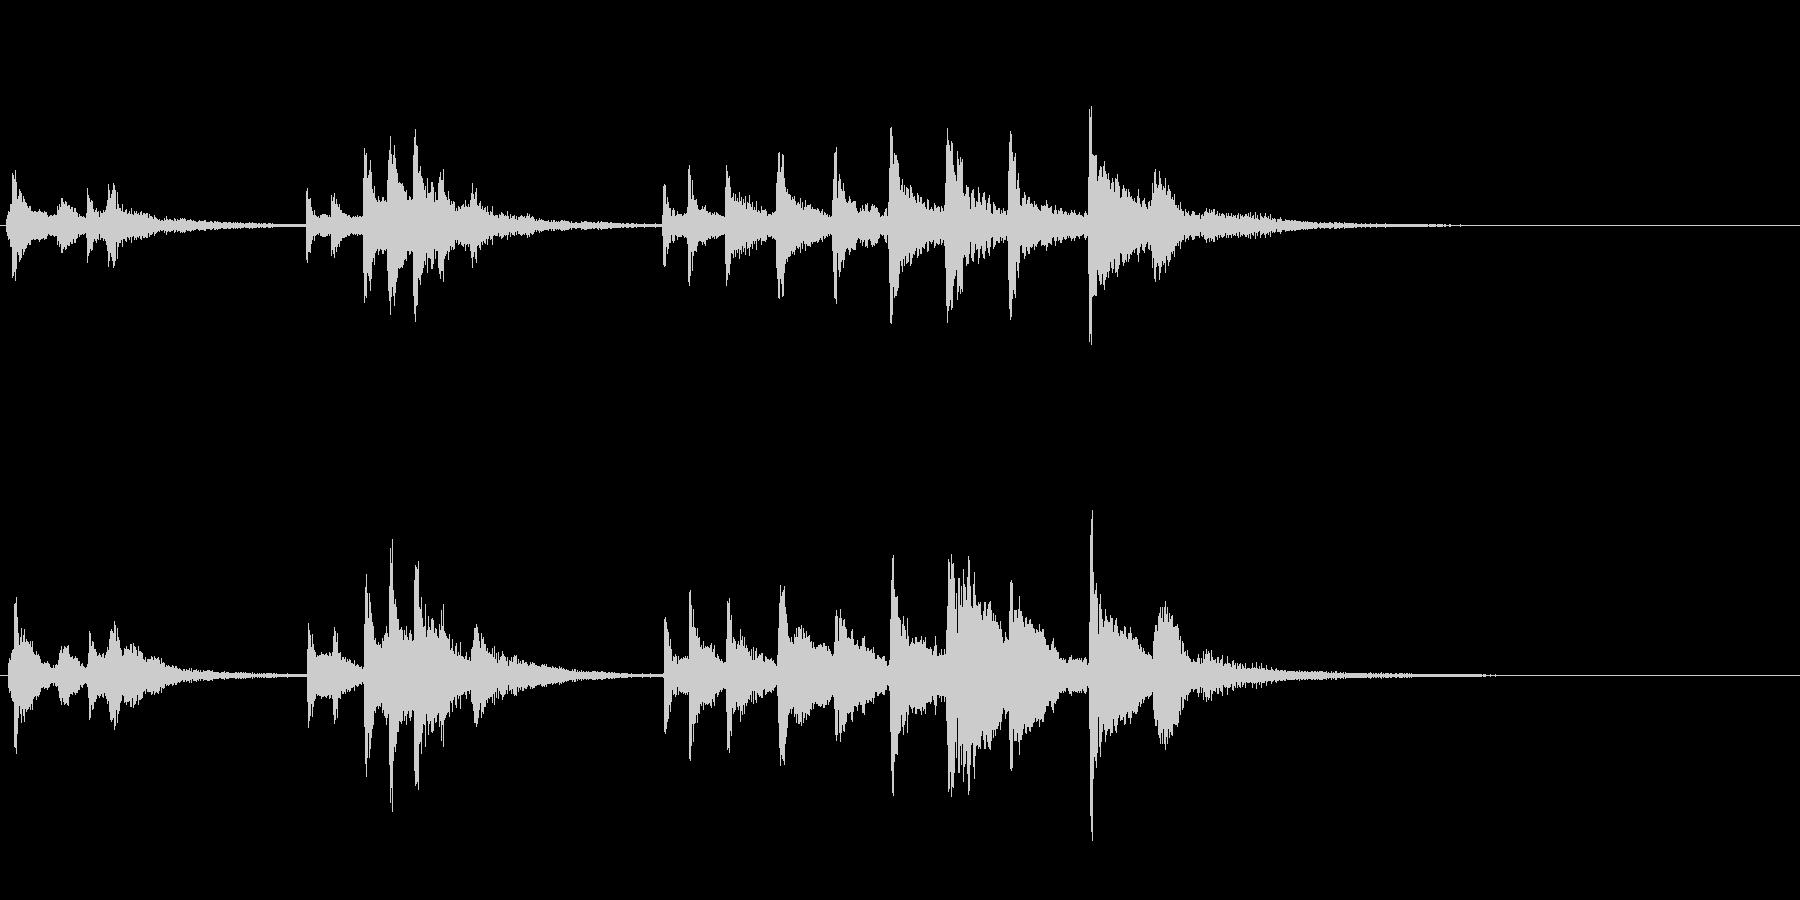 素朴で優しい感じのハープ音です。の未再生の波形